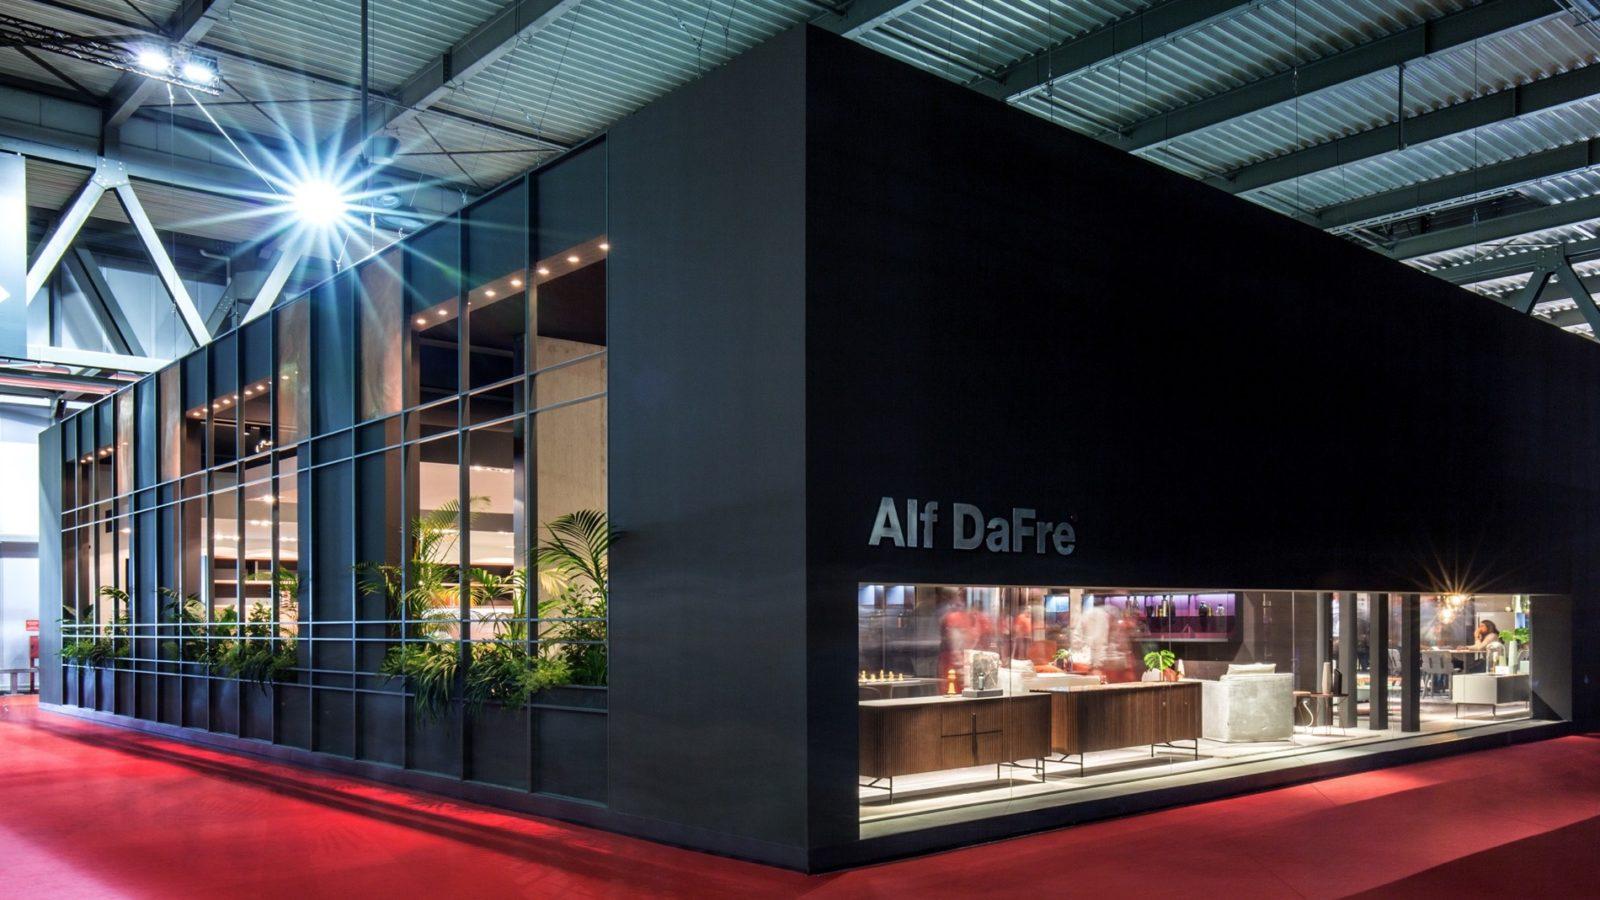 Bottega - Dettaglio allestimento stand Alf (+) Da Frè  per l'edizione 2017 del Salone del Mobile di Milano